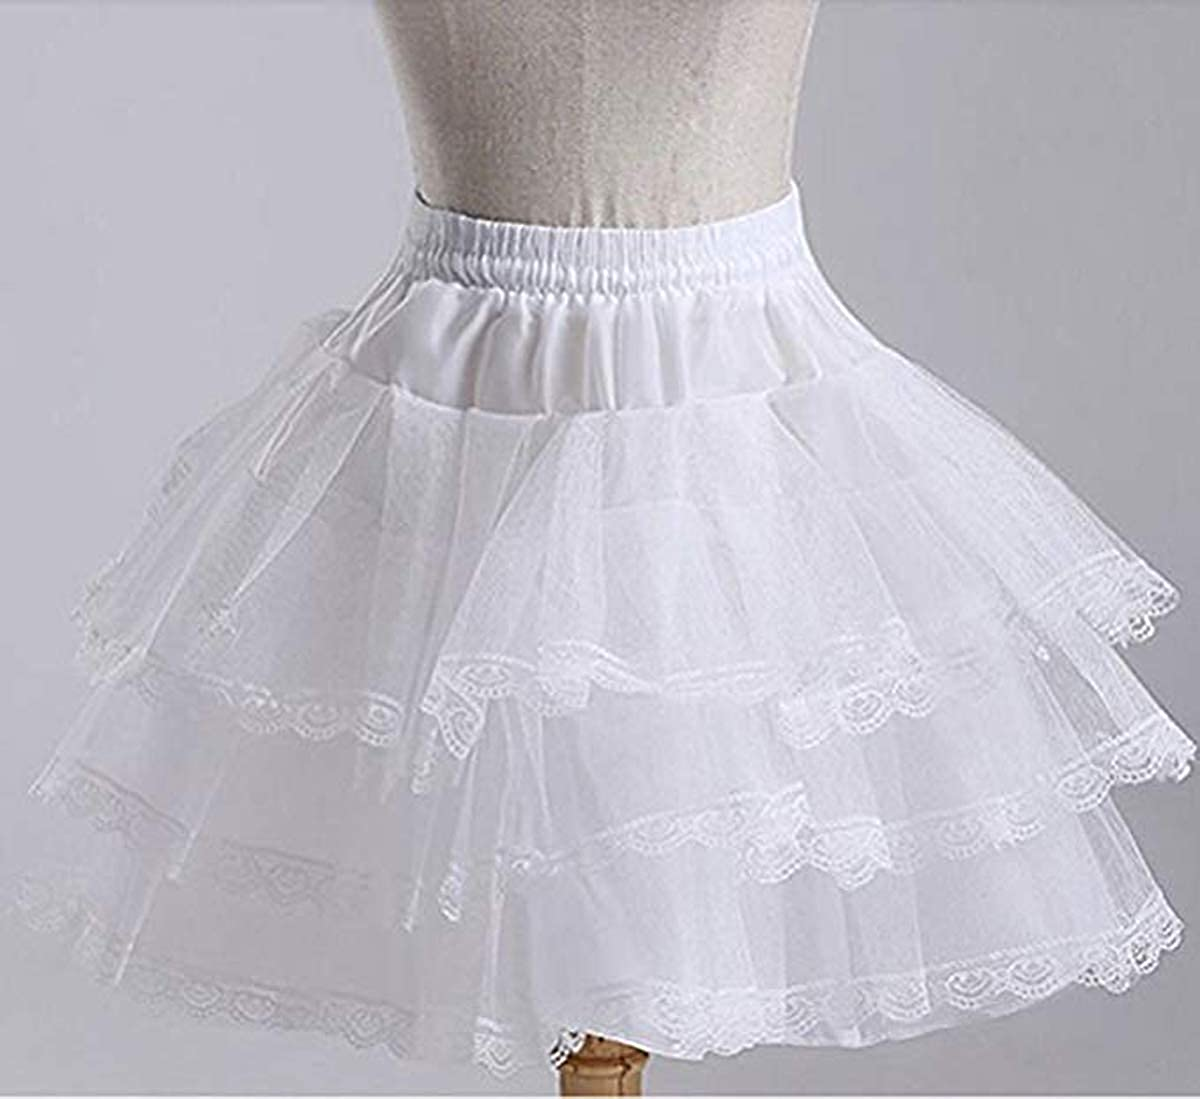 JoJoHouse 3 Layers Girls Slip Flower Girl Petticoat Crinoline Hoopless Skirt Underskirt for Kids KPT2